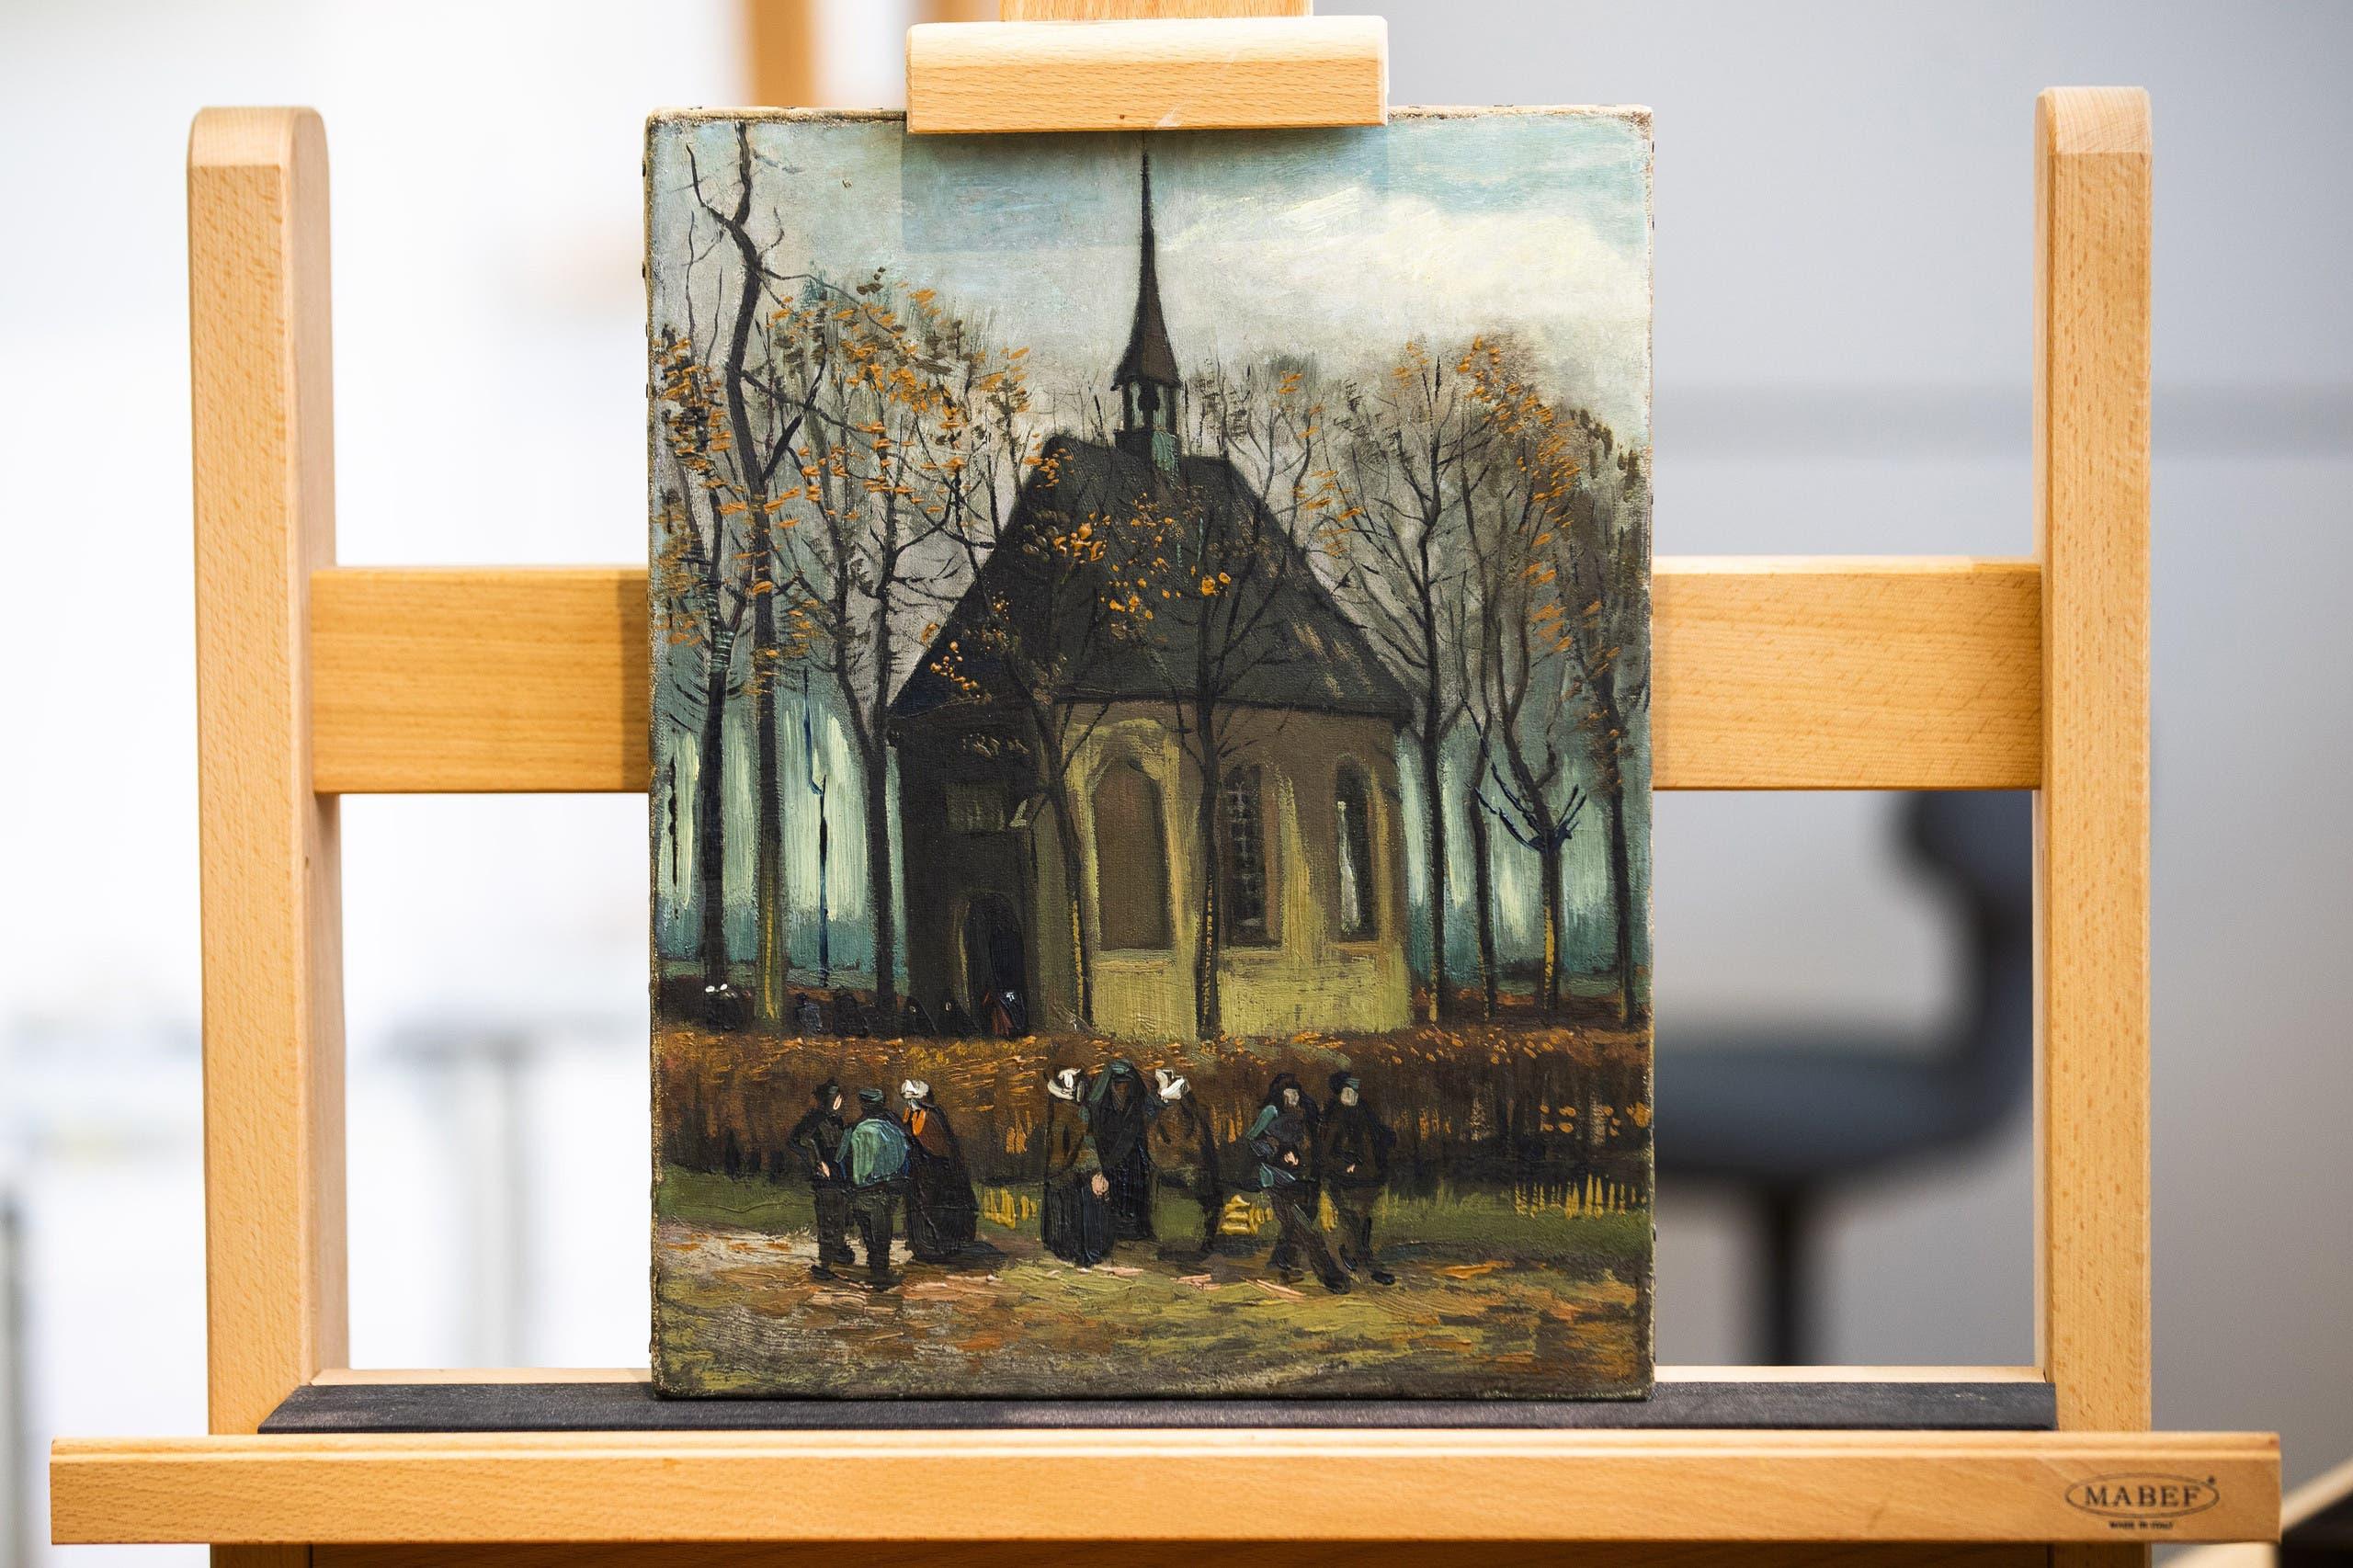 لوحة خروج من كنيسة نوين